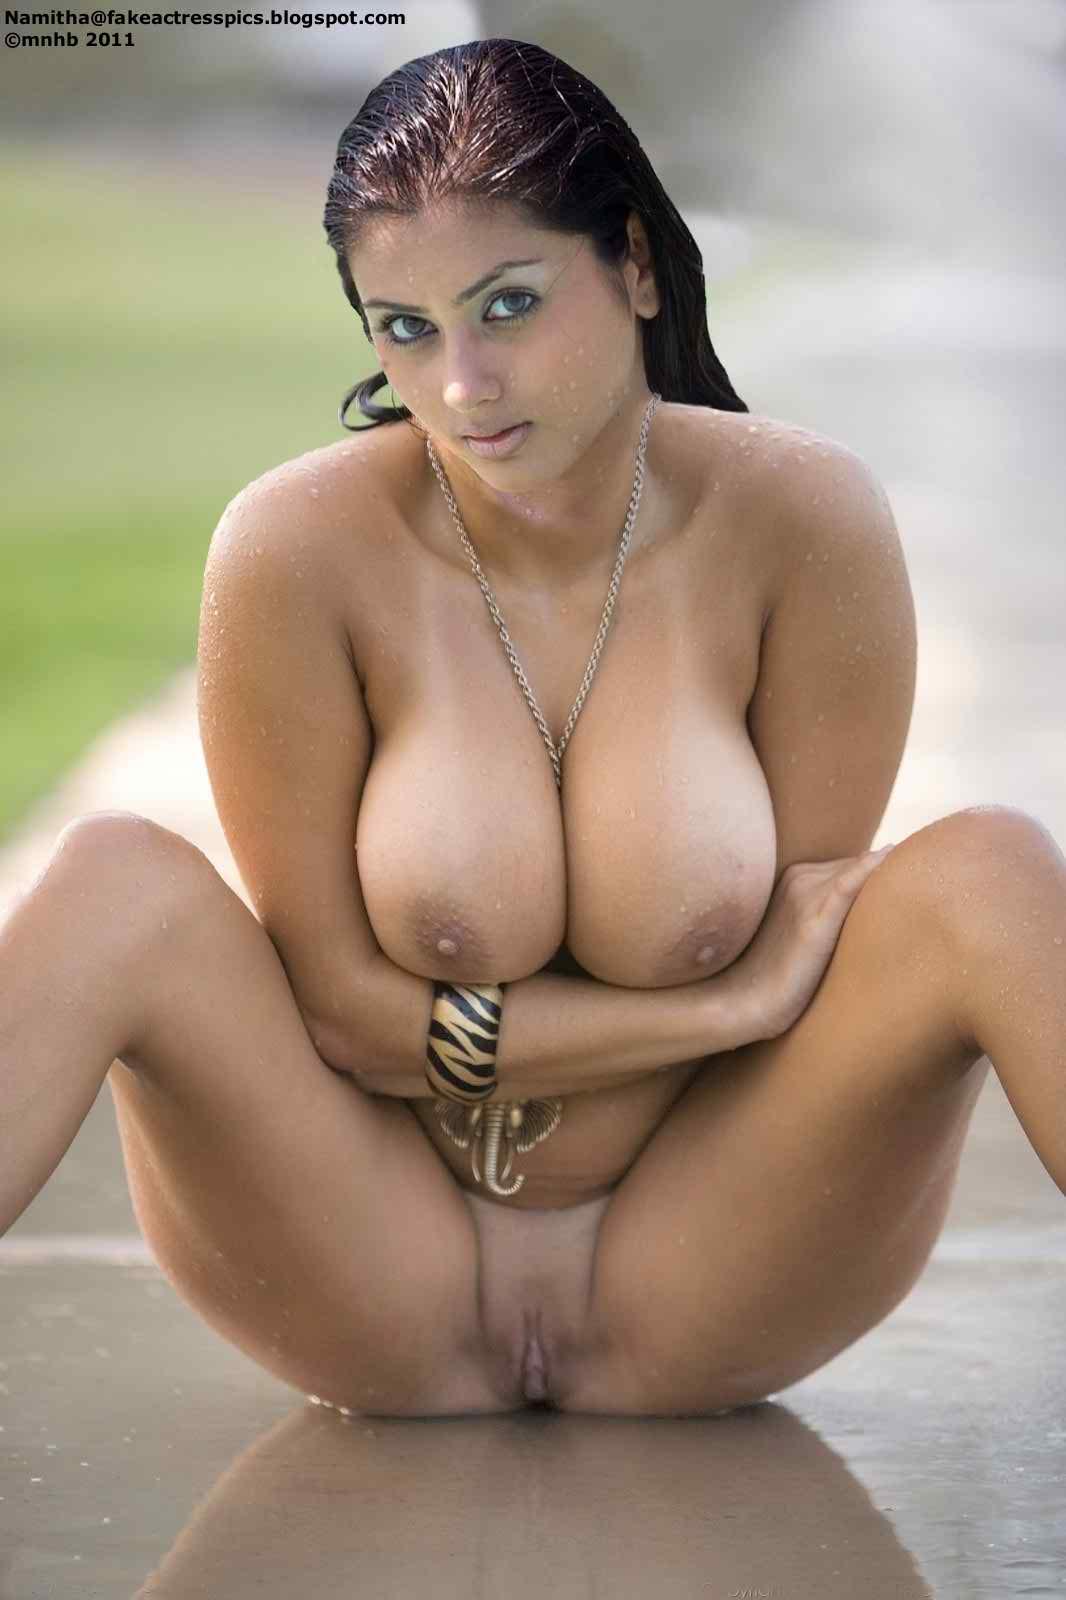 namitha-full-nude-images